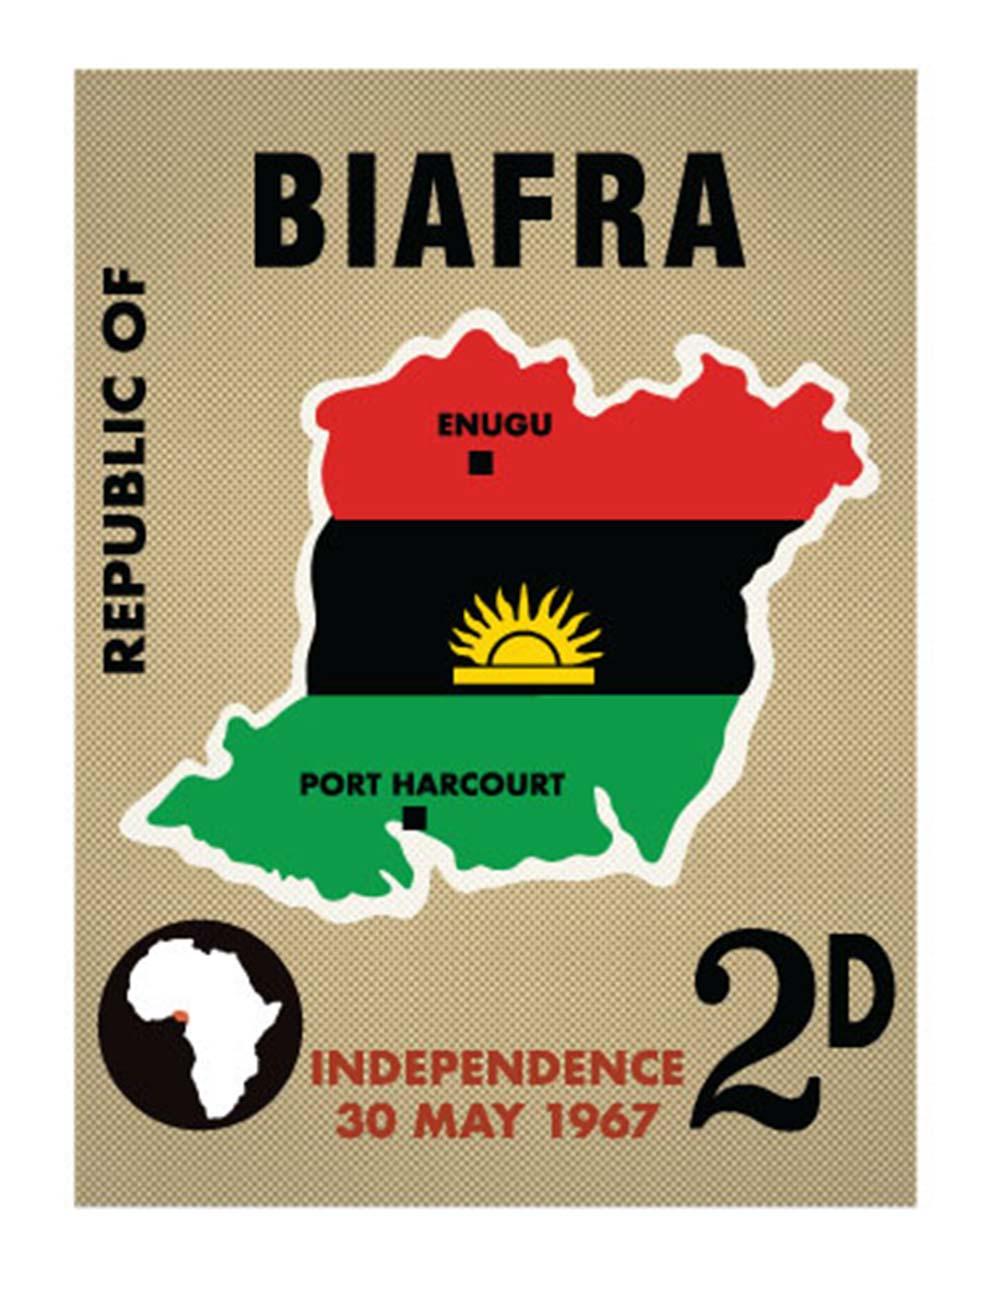 Republic of Biafra